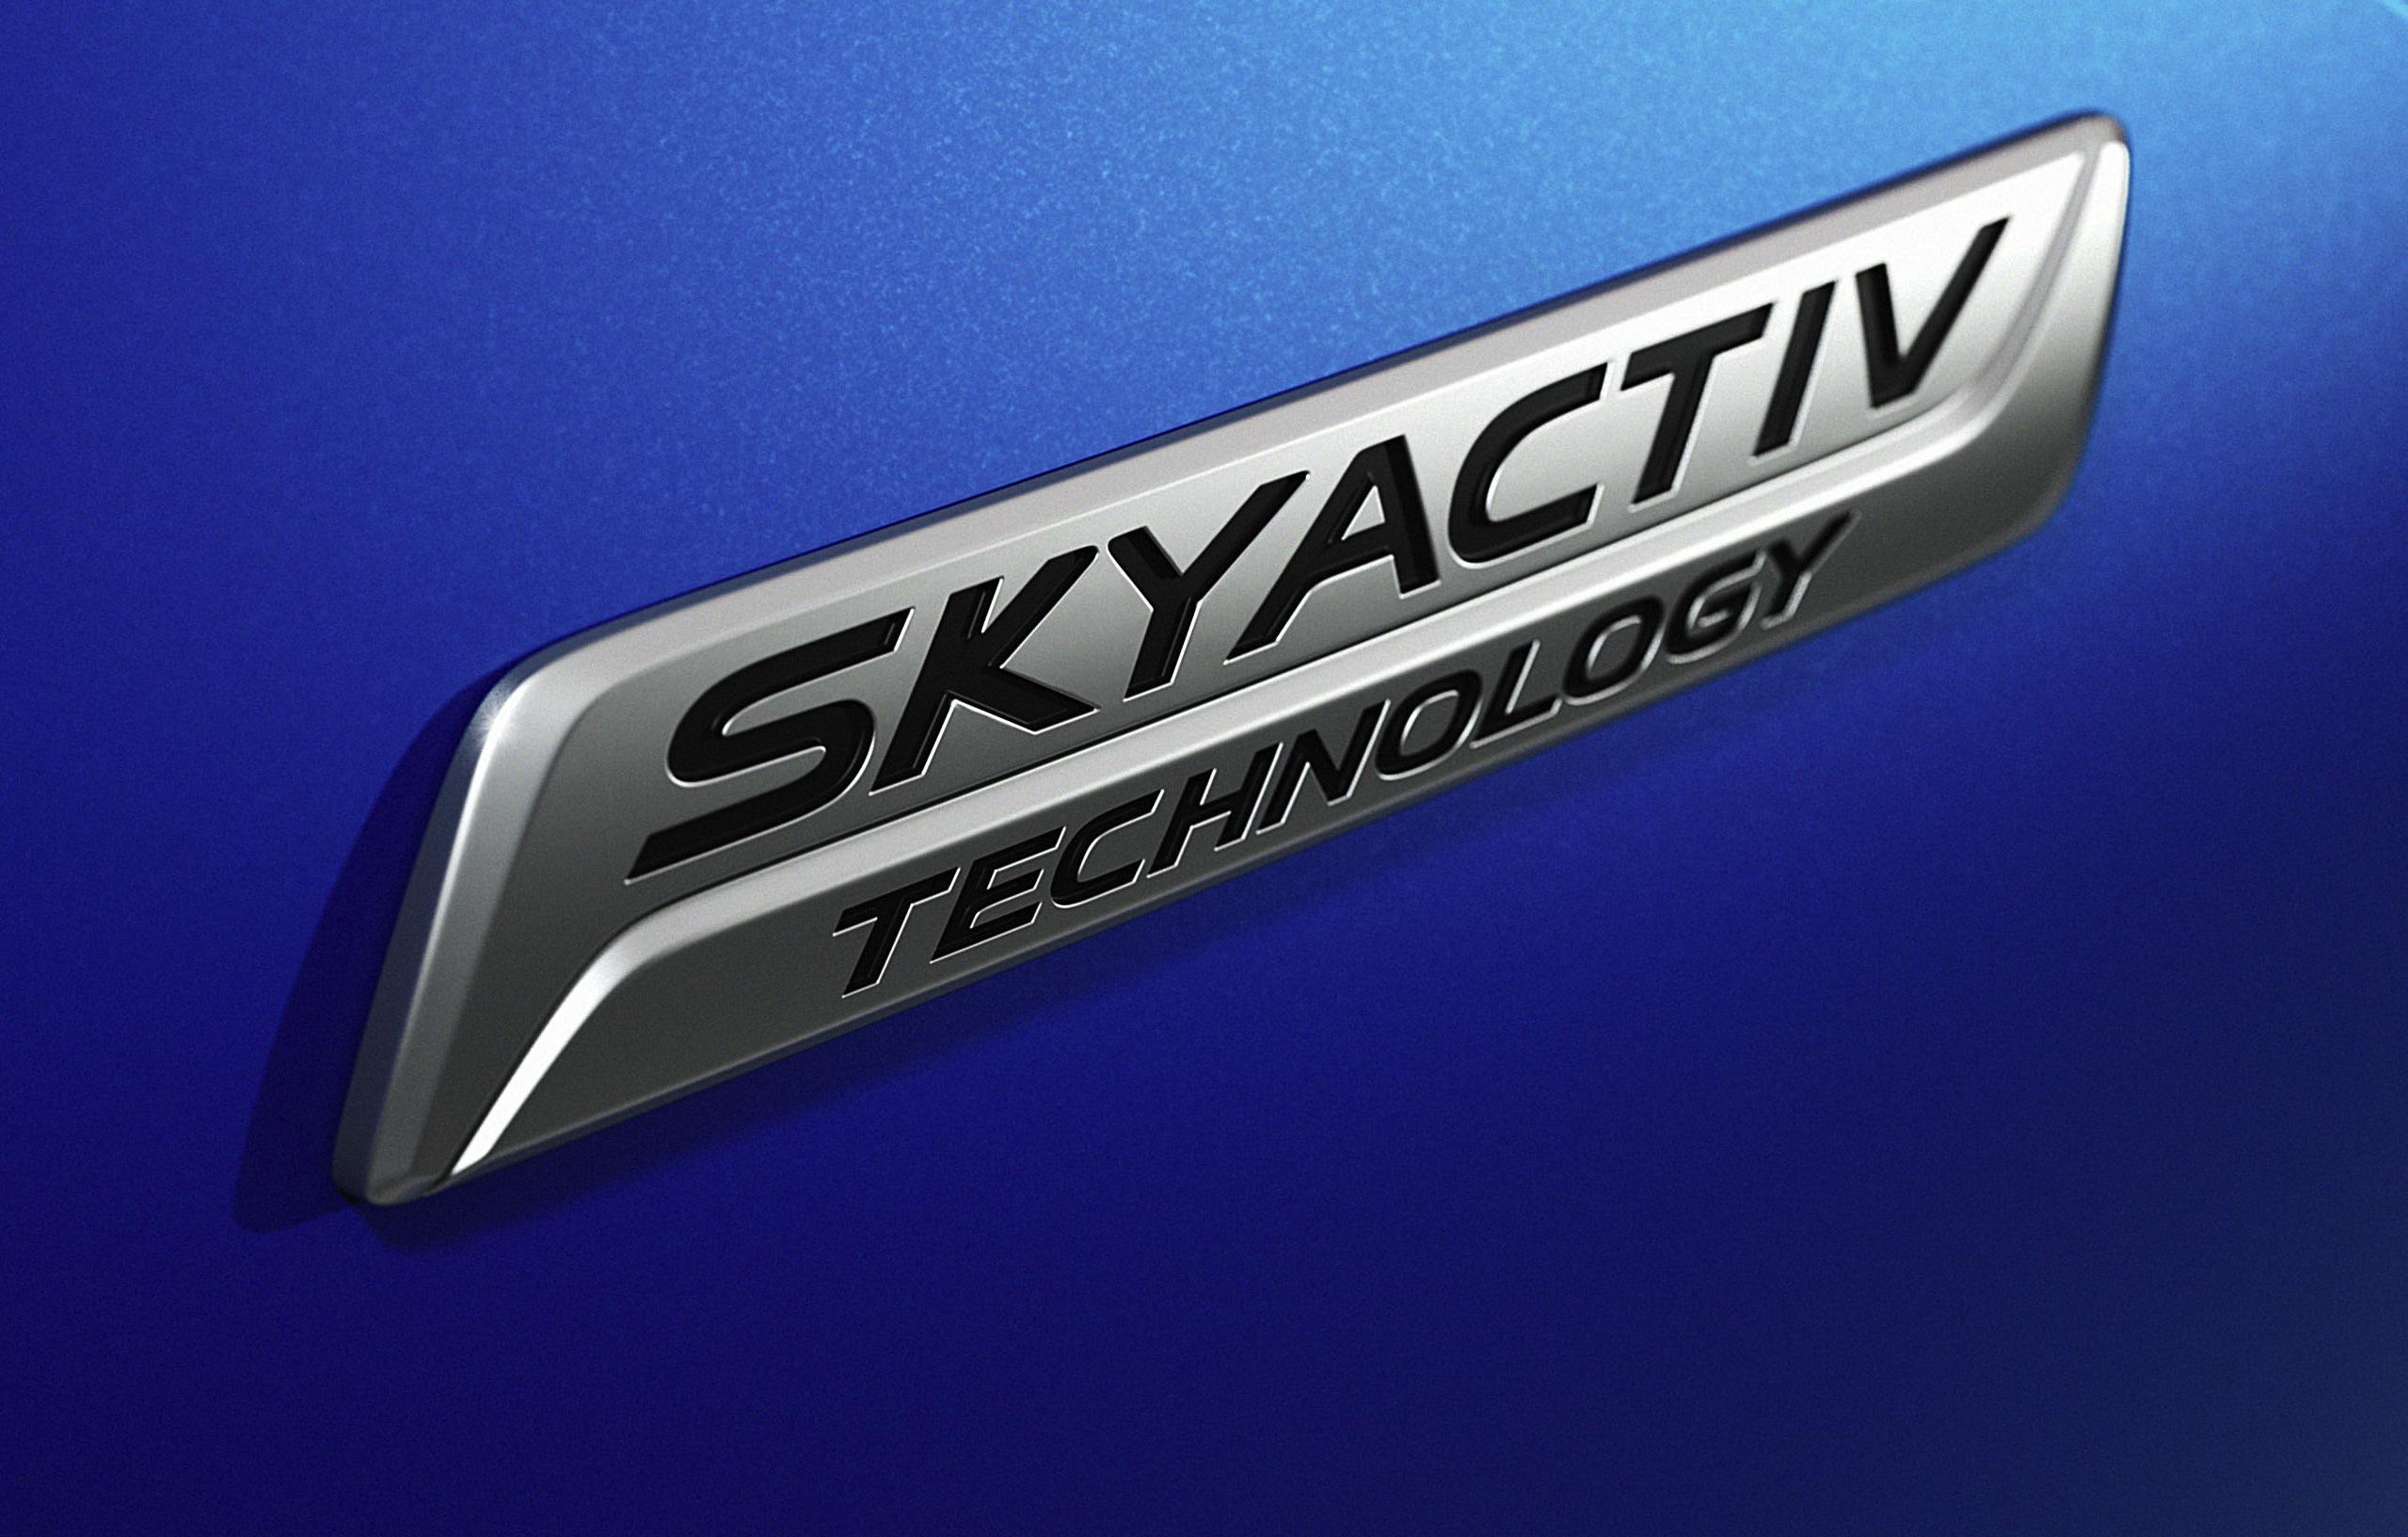 Mazda-Skyactiv-badge